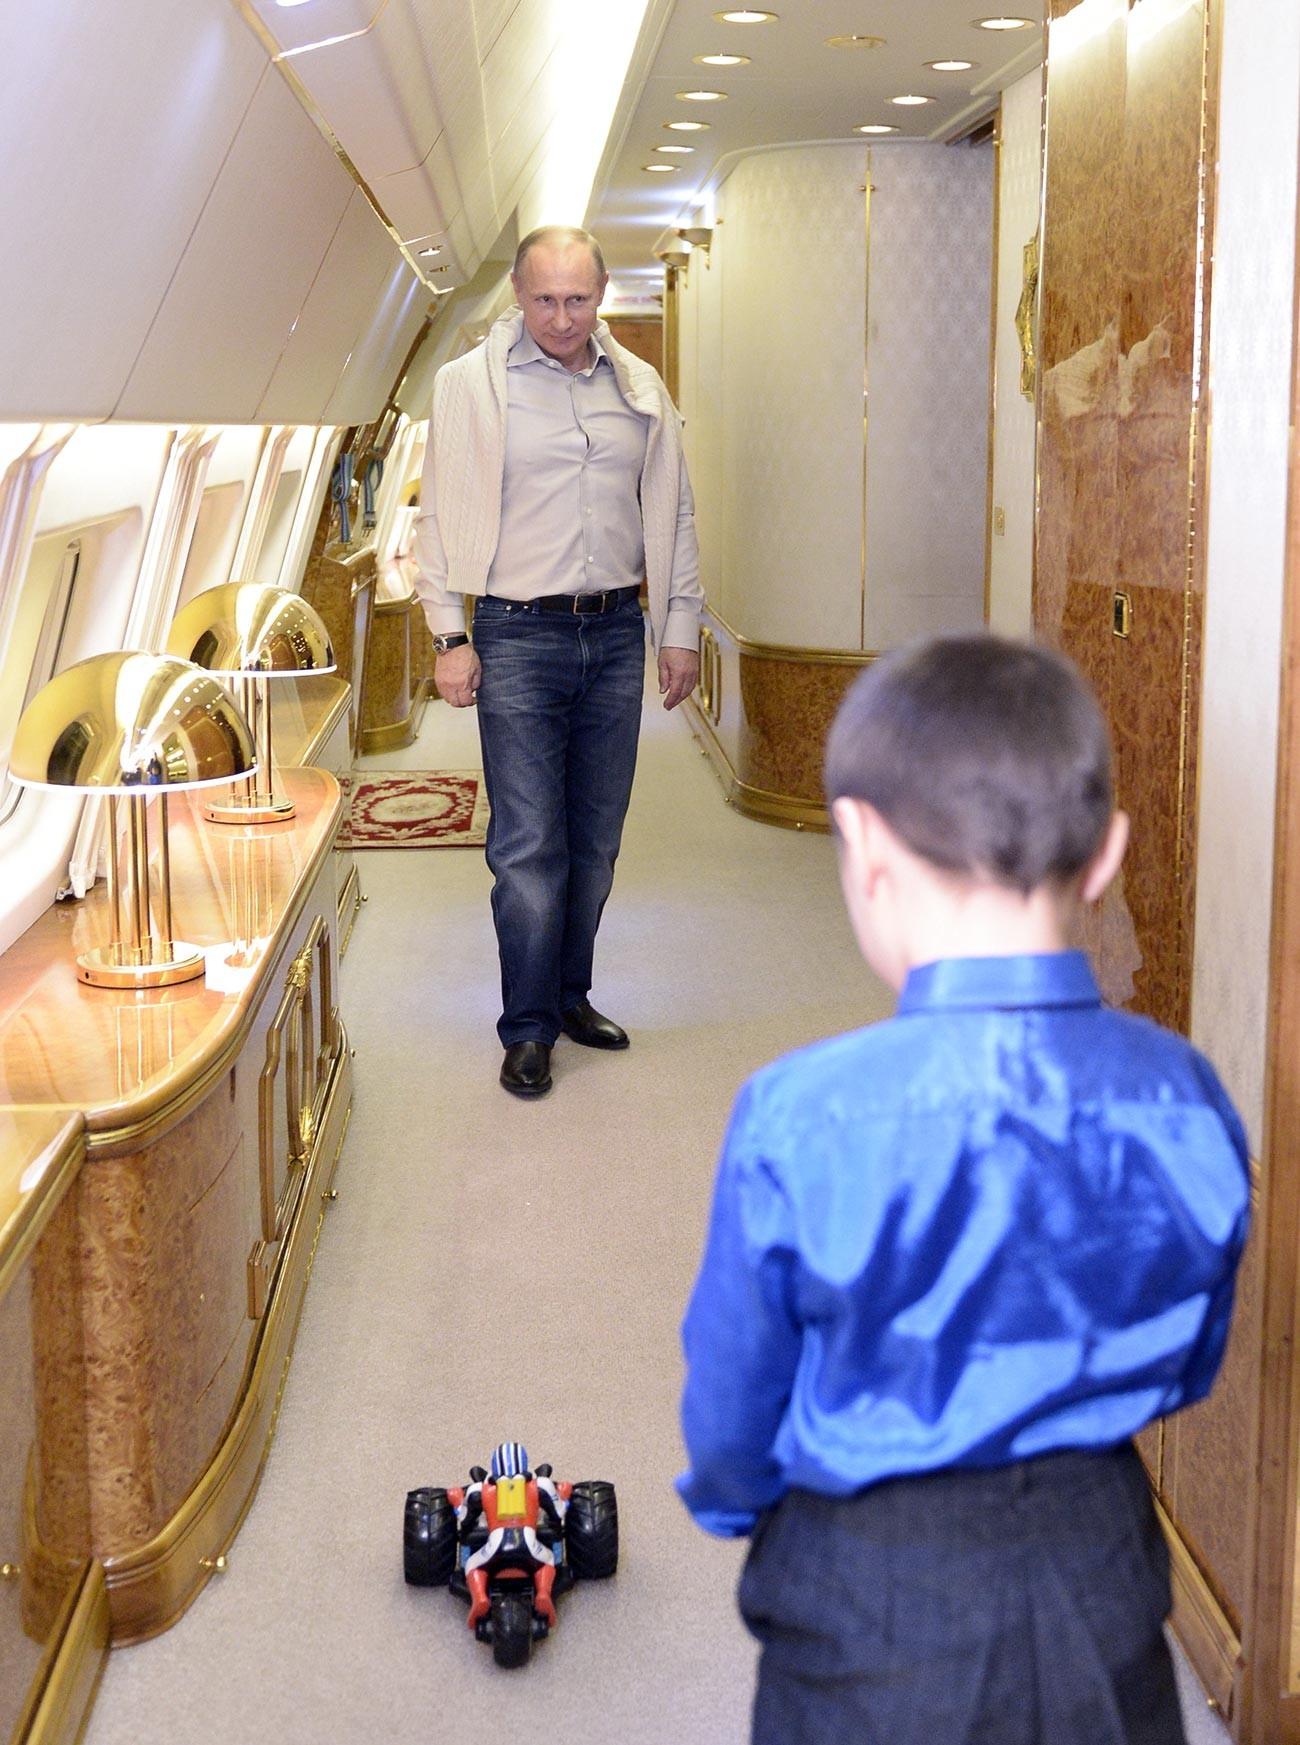 Президент России Владимир Путин и сын младшего сержанта Баира Банзаракцаева, погибшего при ликвидации последствий наводнения на Дальнем Востоке, Галсан играют на борту президентского самолета. 31 декабря 2013.